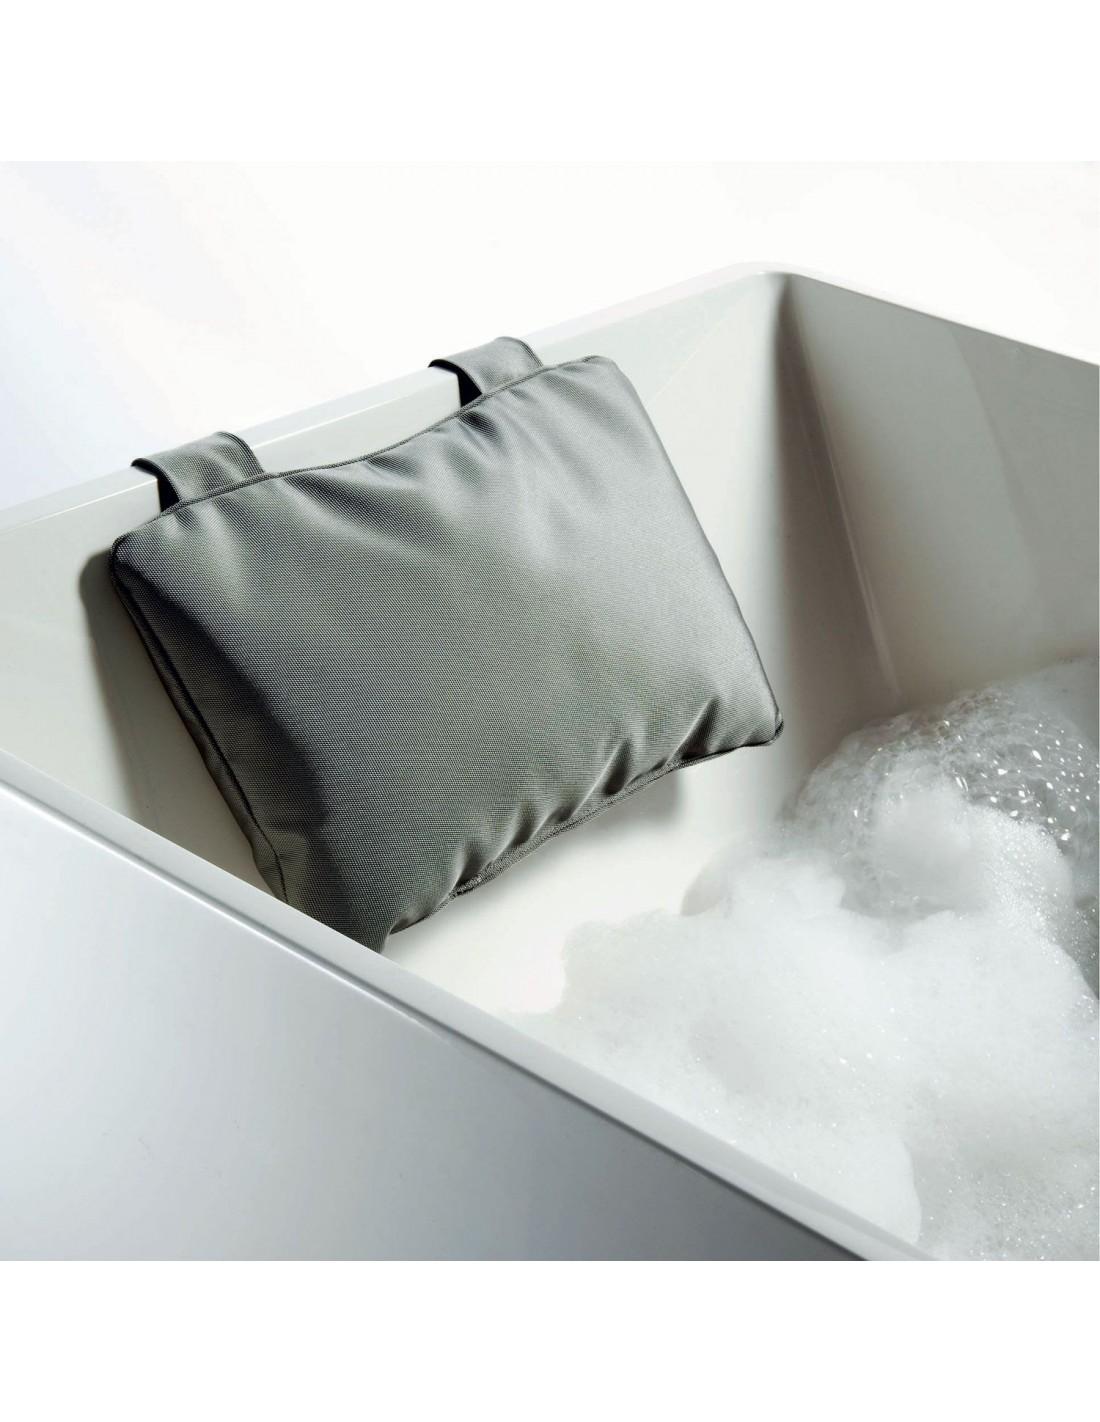 Coussin gris roseau pour baignoire Decor Walther